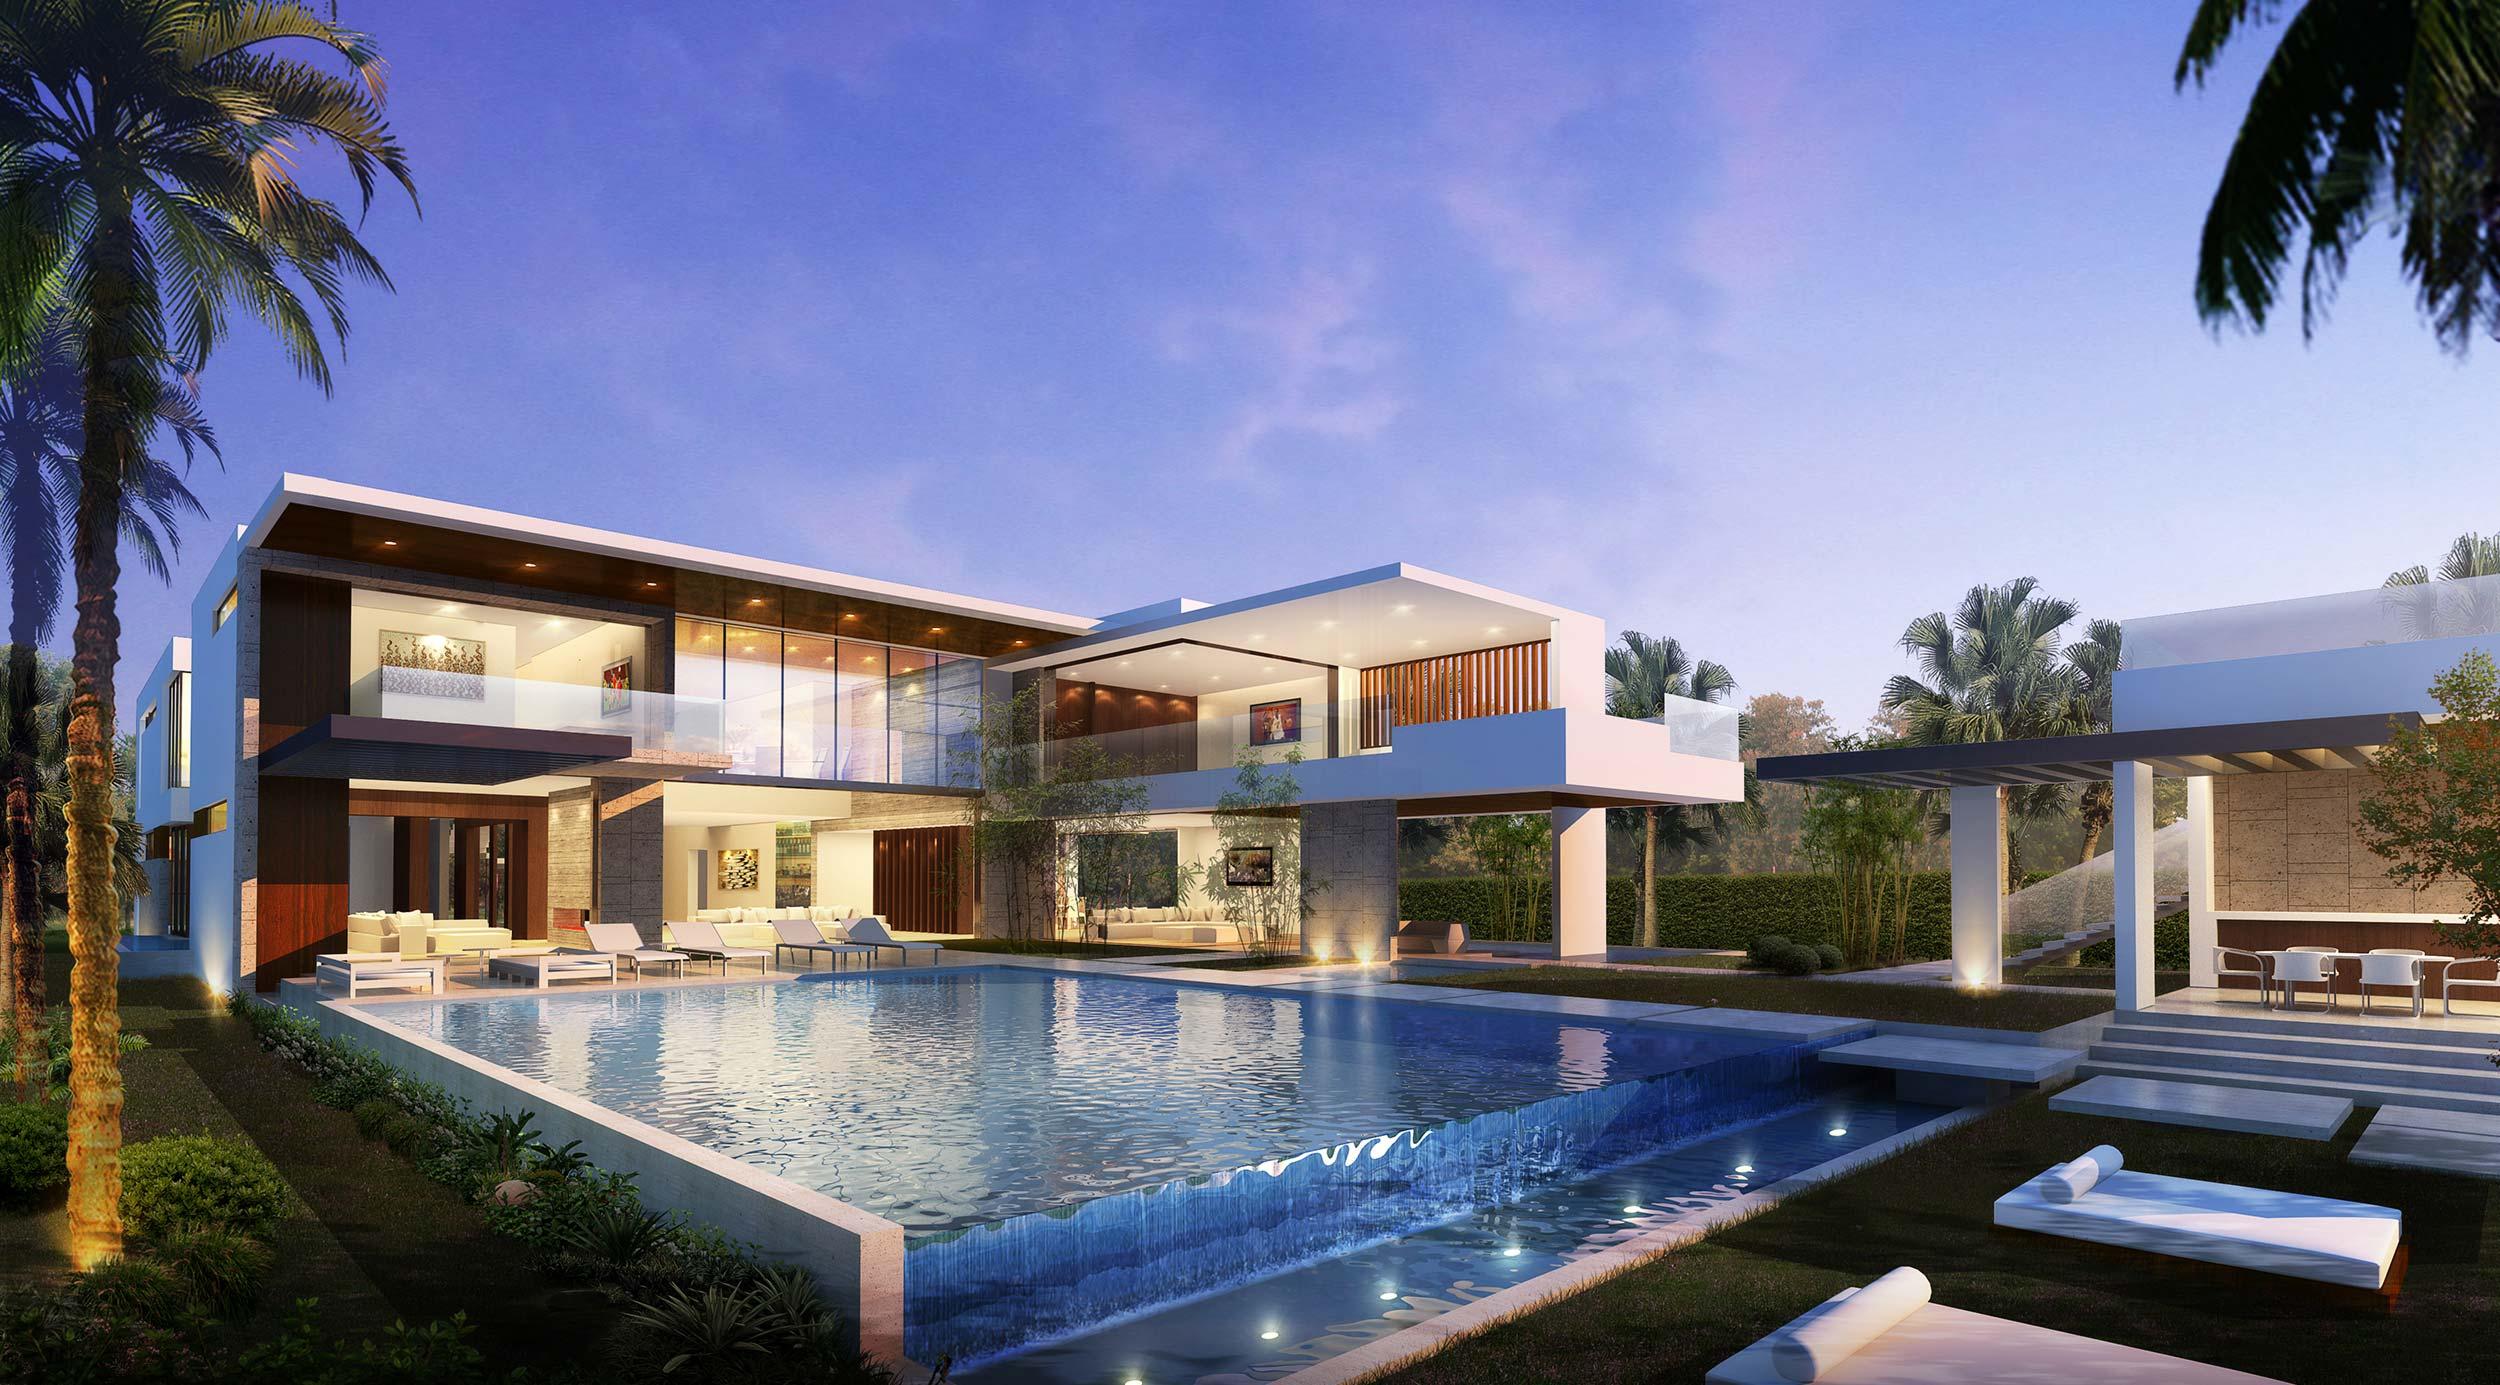 Недвижимость майами бич купить